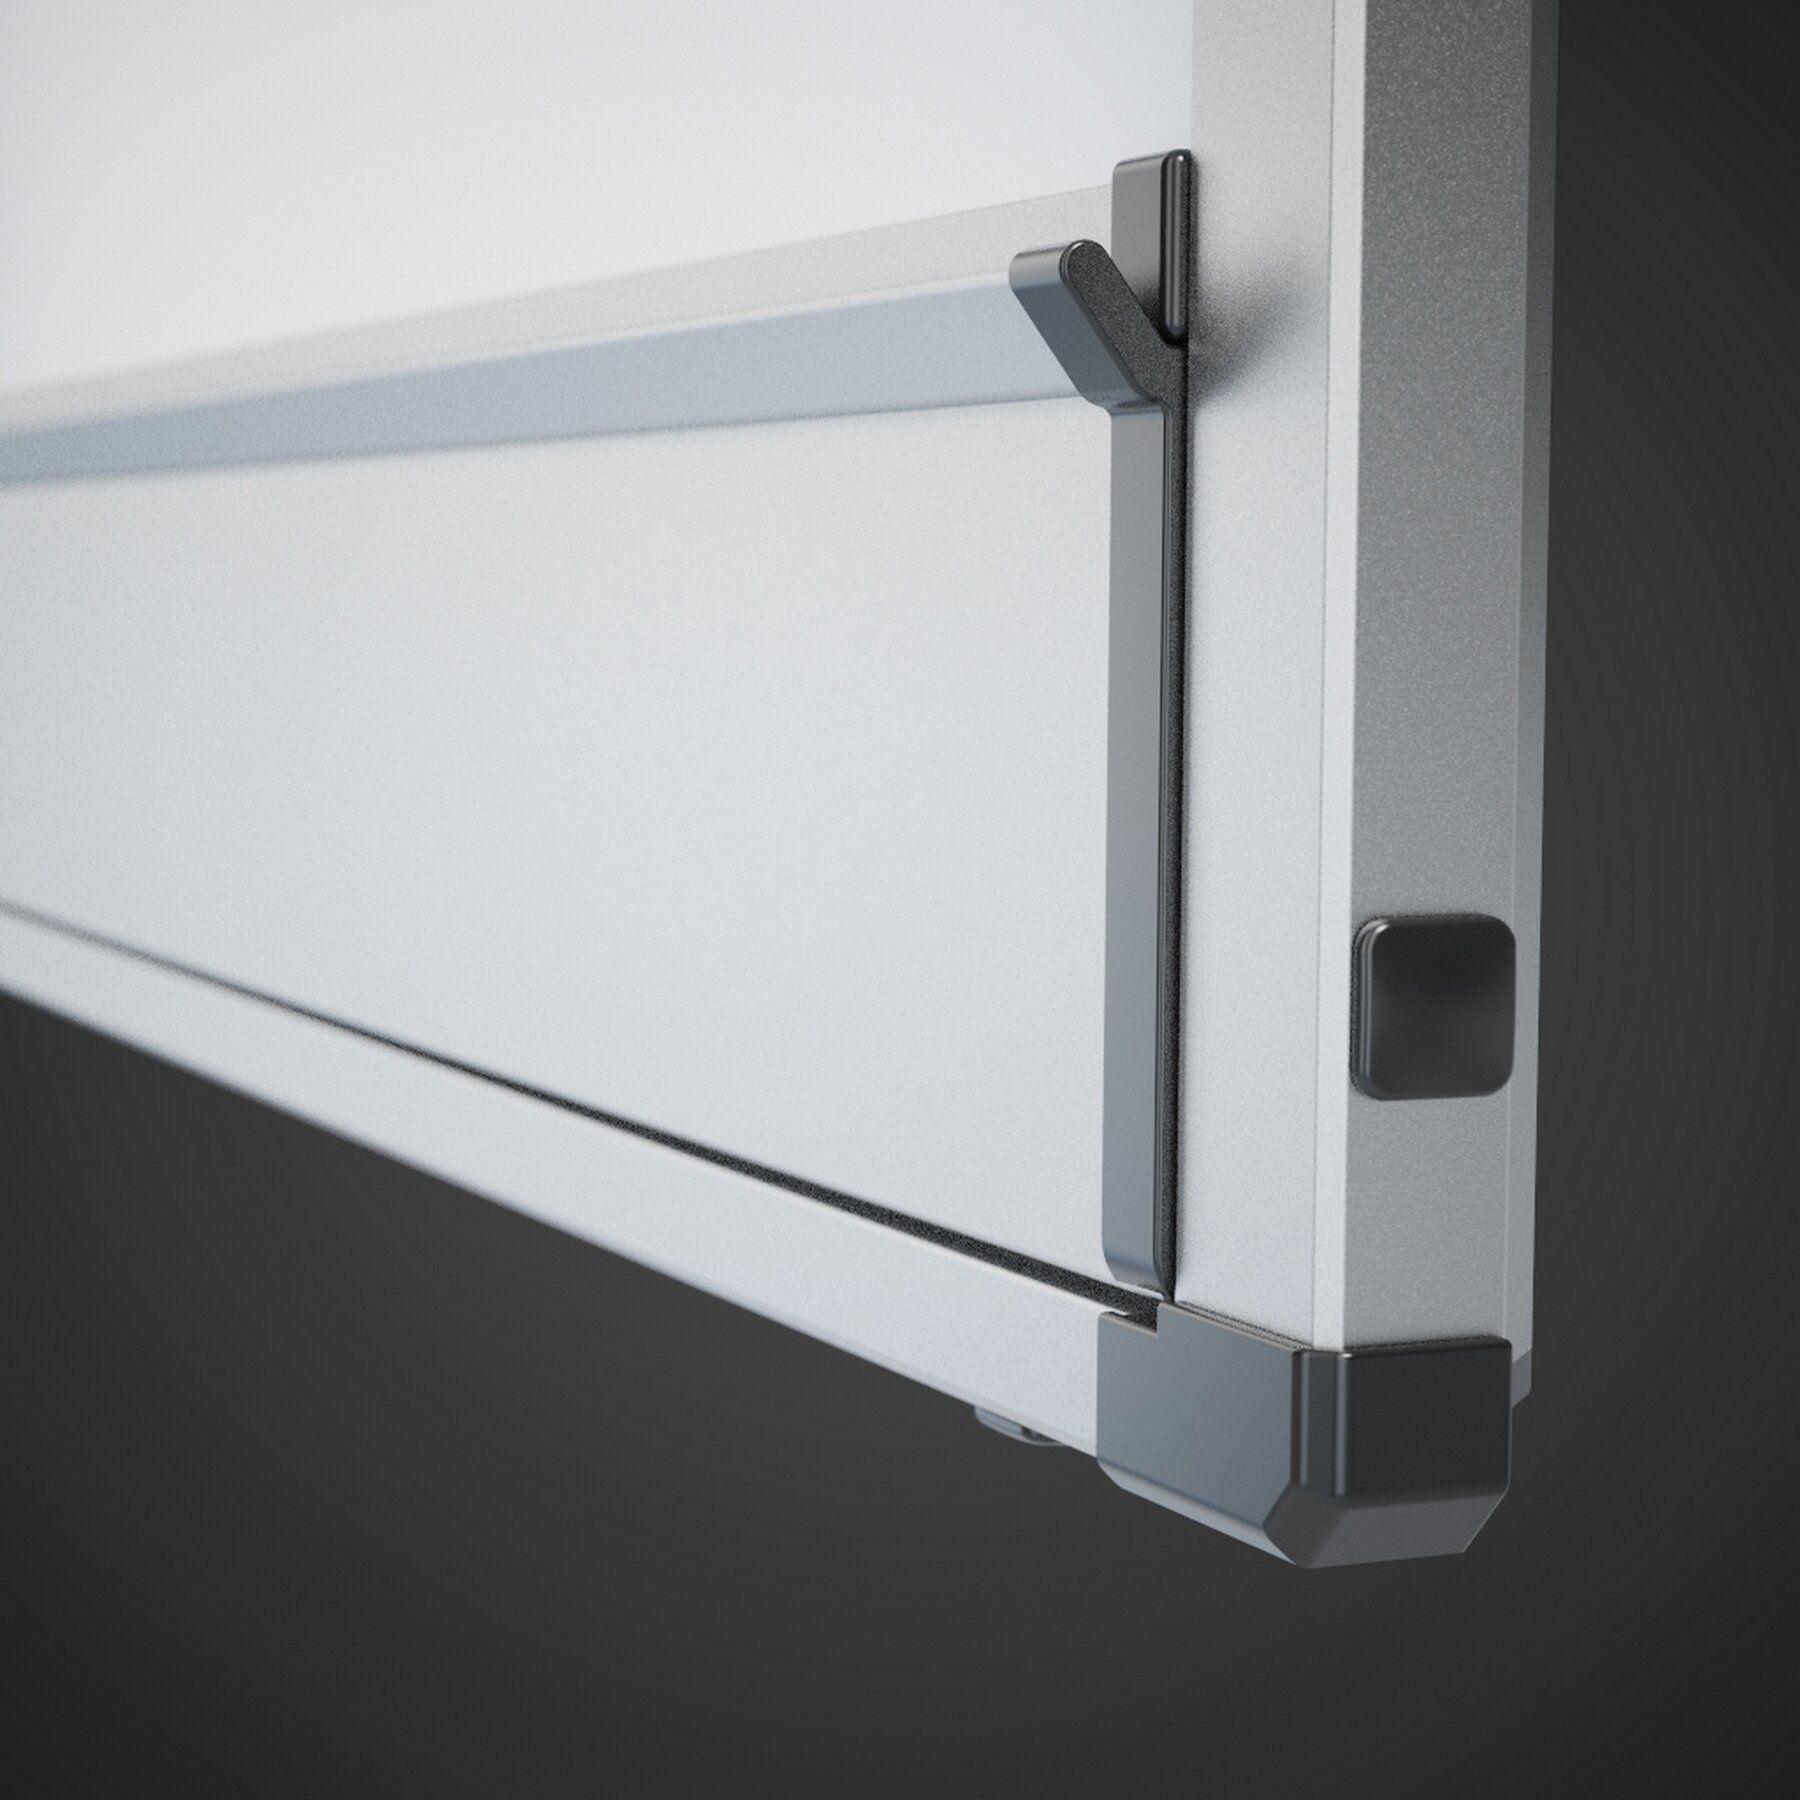 Доска белая магнитная сухостираемая StarBoard 120*180см., алюминиевая рамка, лак 2x3 - фото 3